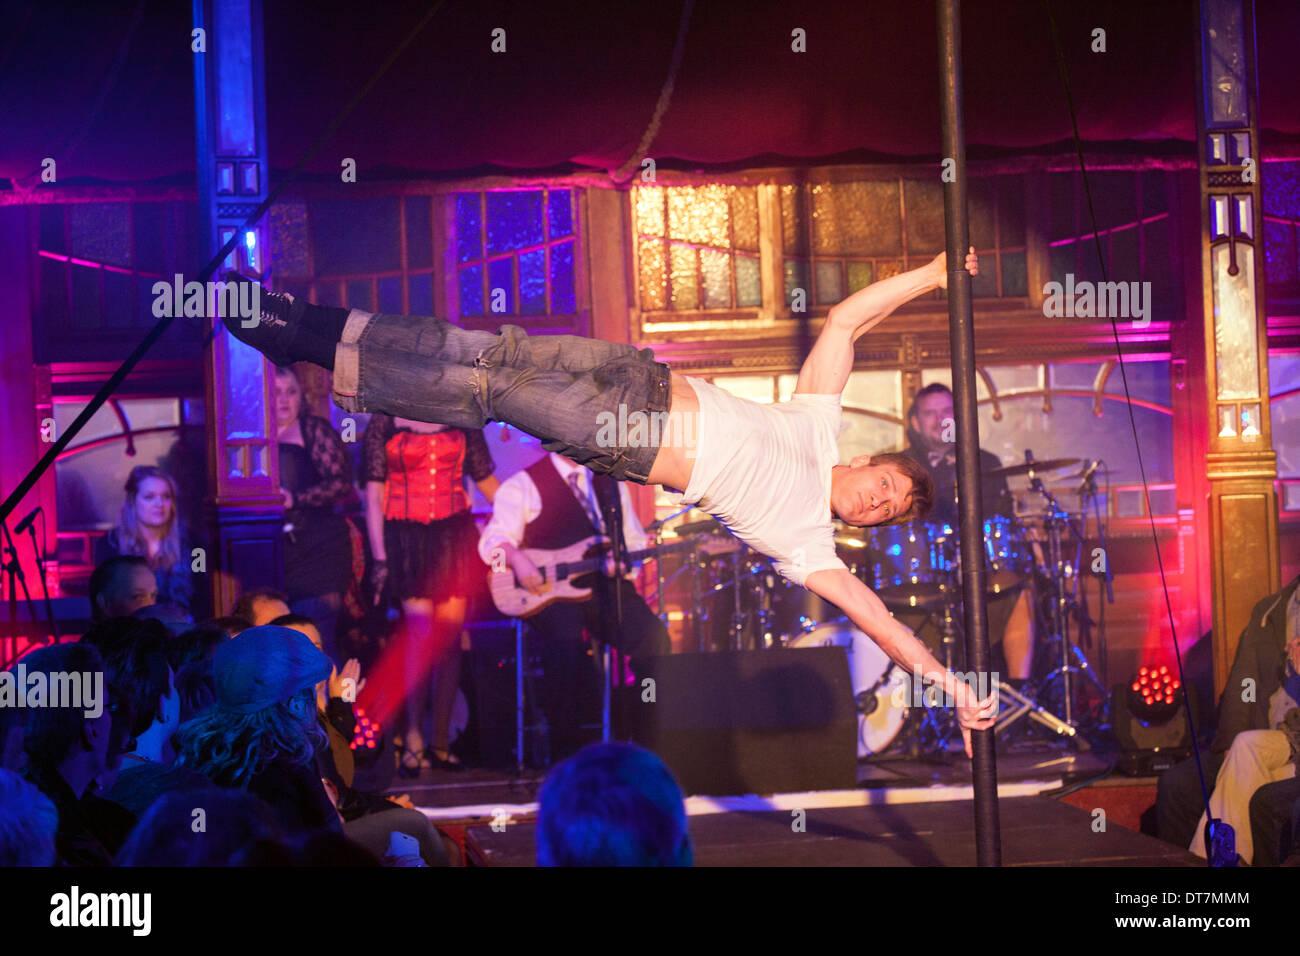 Grandi ustioni cena 2014, Dumfries, Le Haggis, Edd Muir Cabaret pole dancing. La parte superiore del corpo equilibrio resistenza acrobat forte Immagini Stock